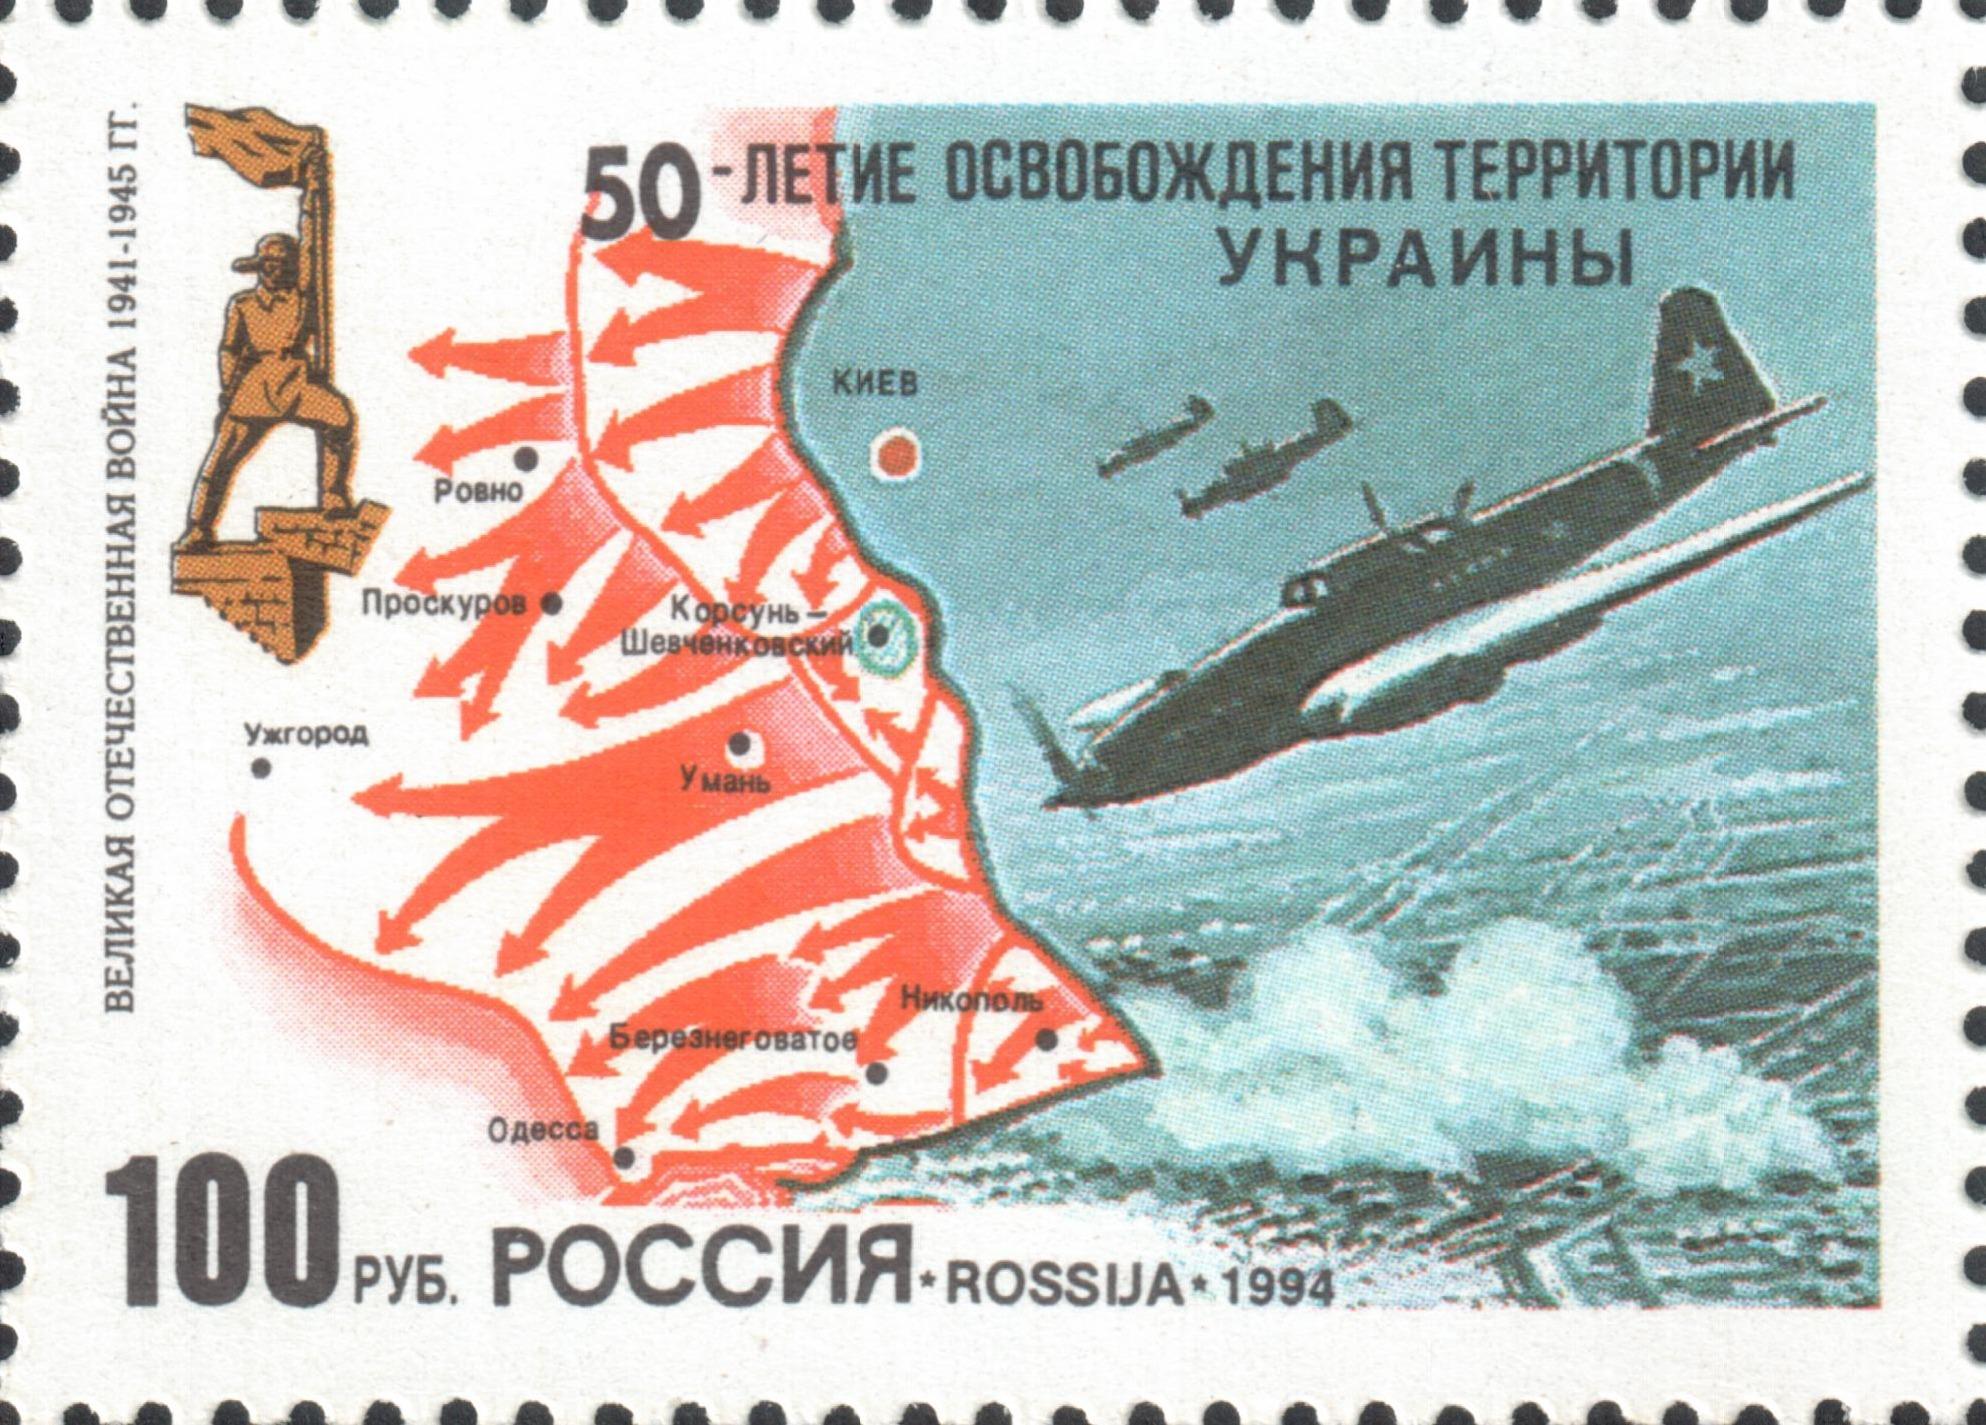 50-летие освобождения территории Украины